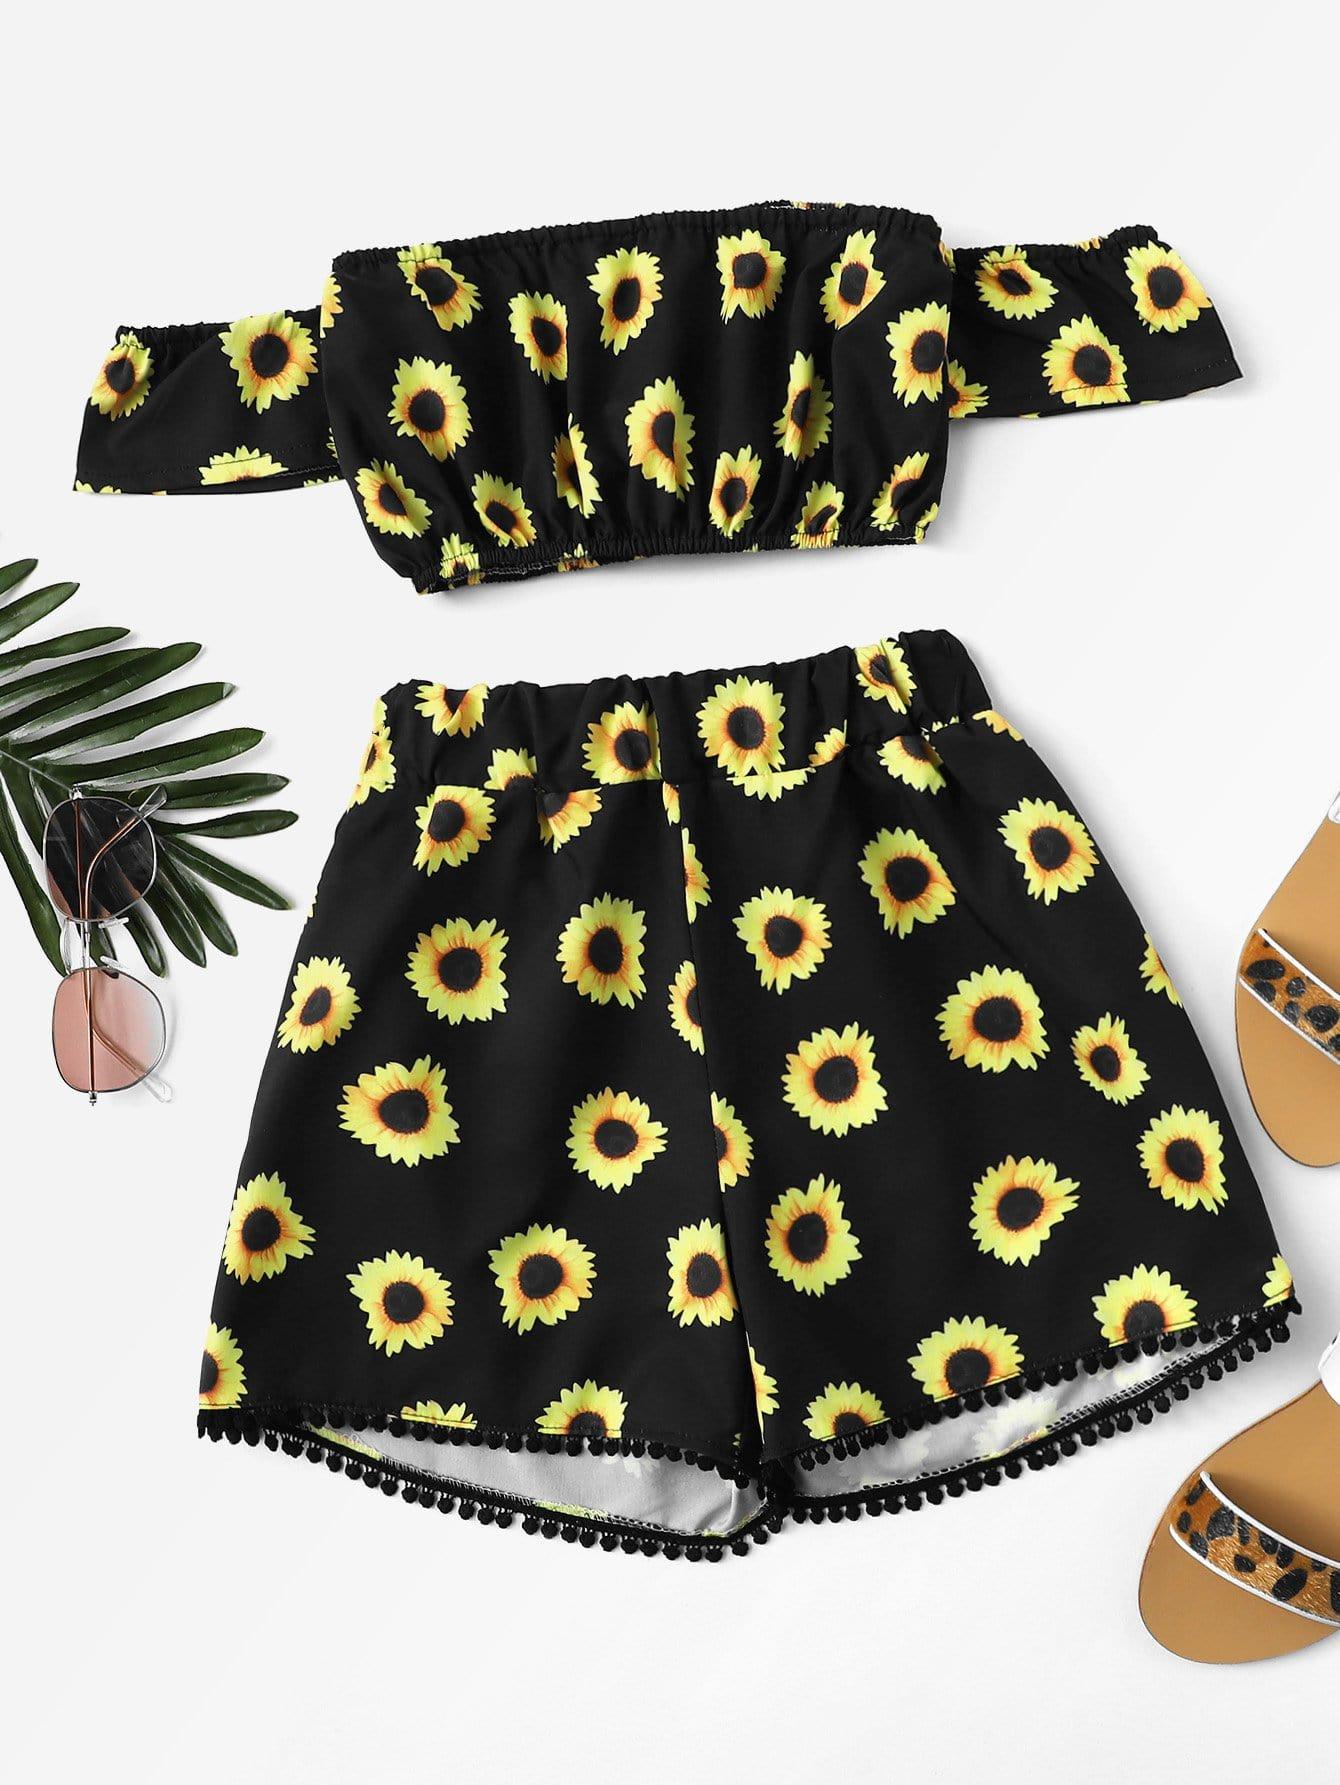 Купить Подсолнечник Print Crop Bardot Top с шортами, null, SheIn